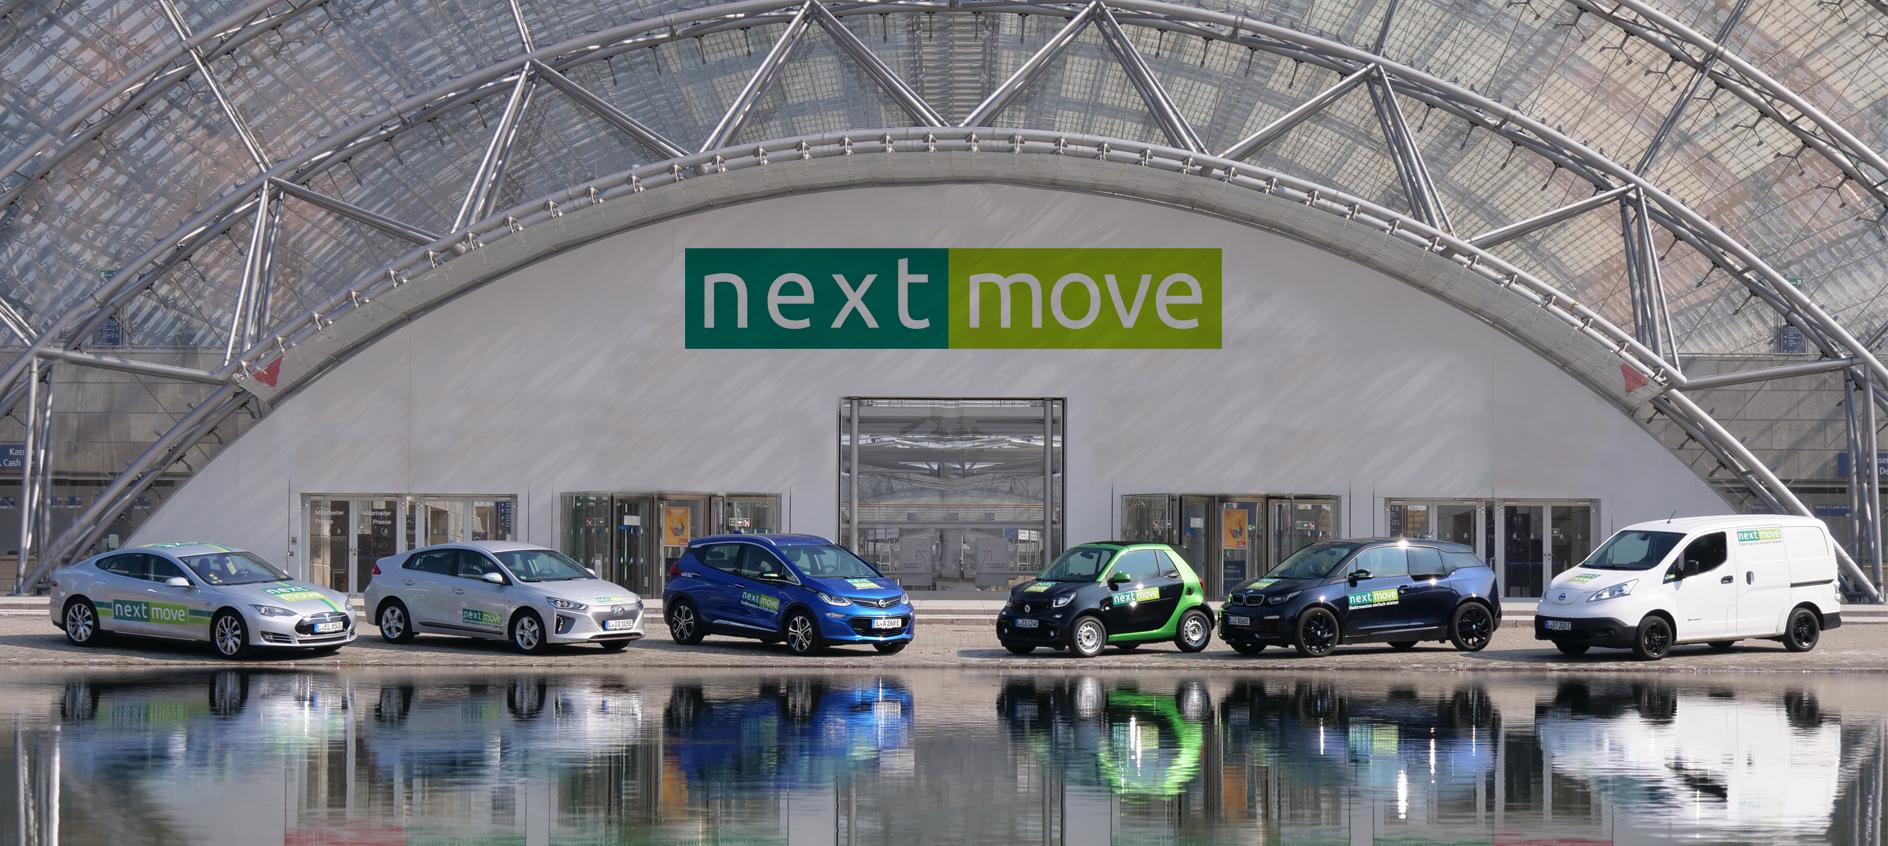 Elektroautos im Abo und E-Auto mieten mit Deutschlands führender Elektroauto-Vermietung nextmove